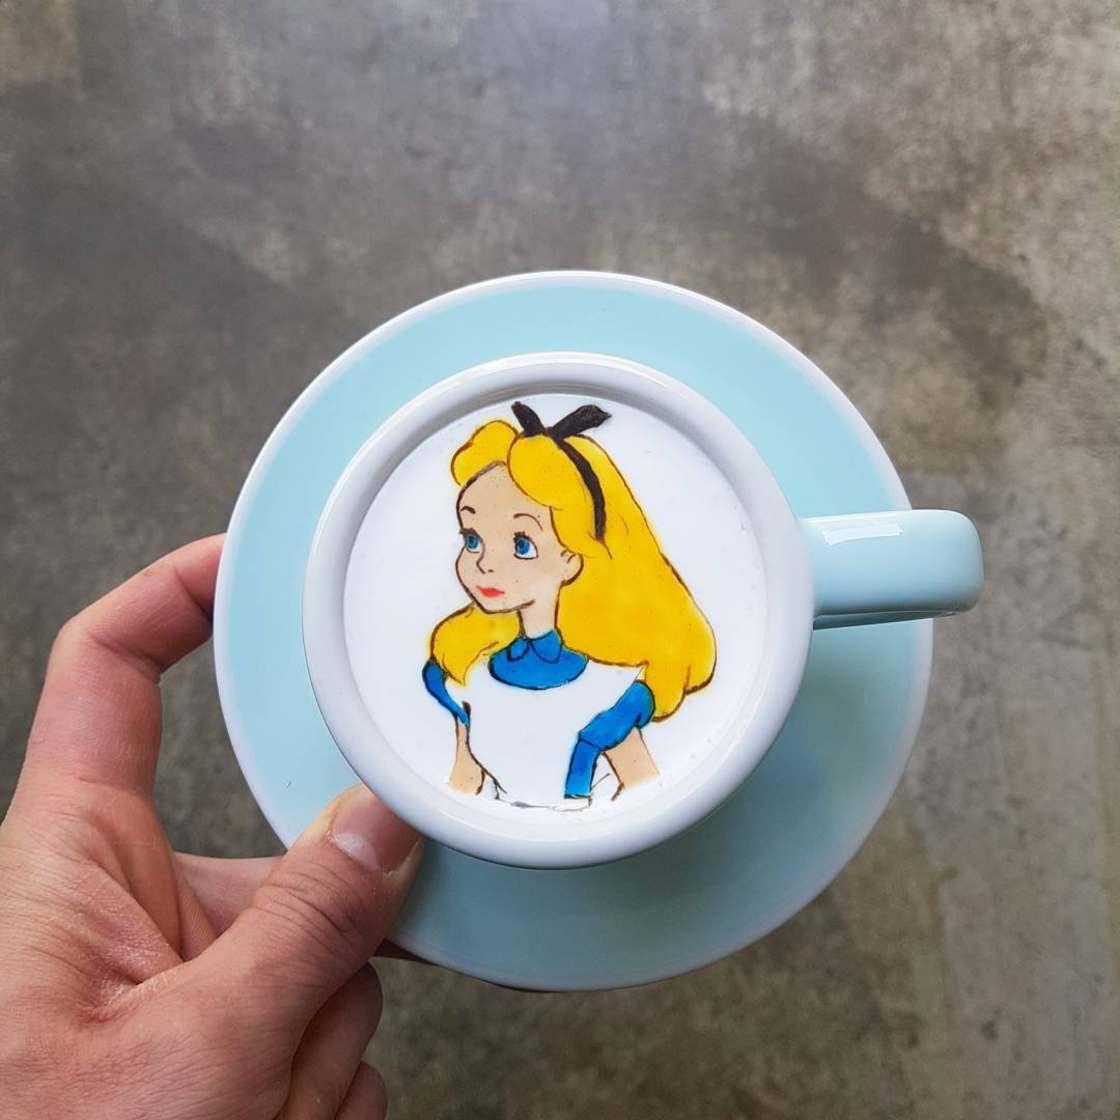 art-on-coffee-lee-kang-bin-6.jpg